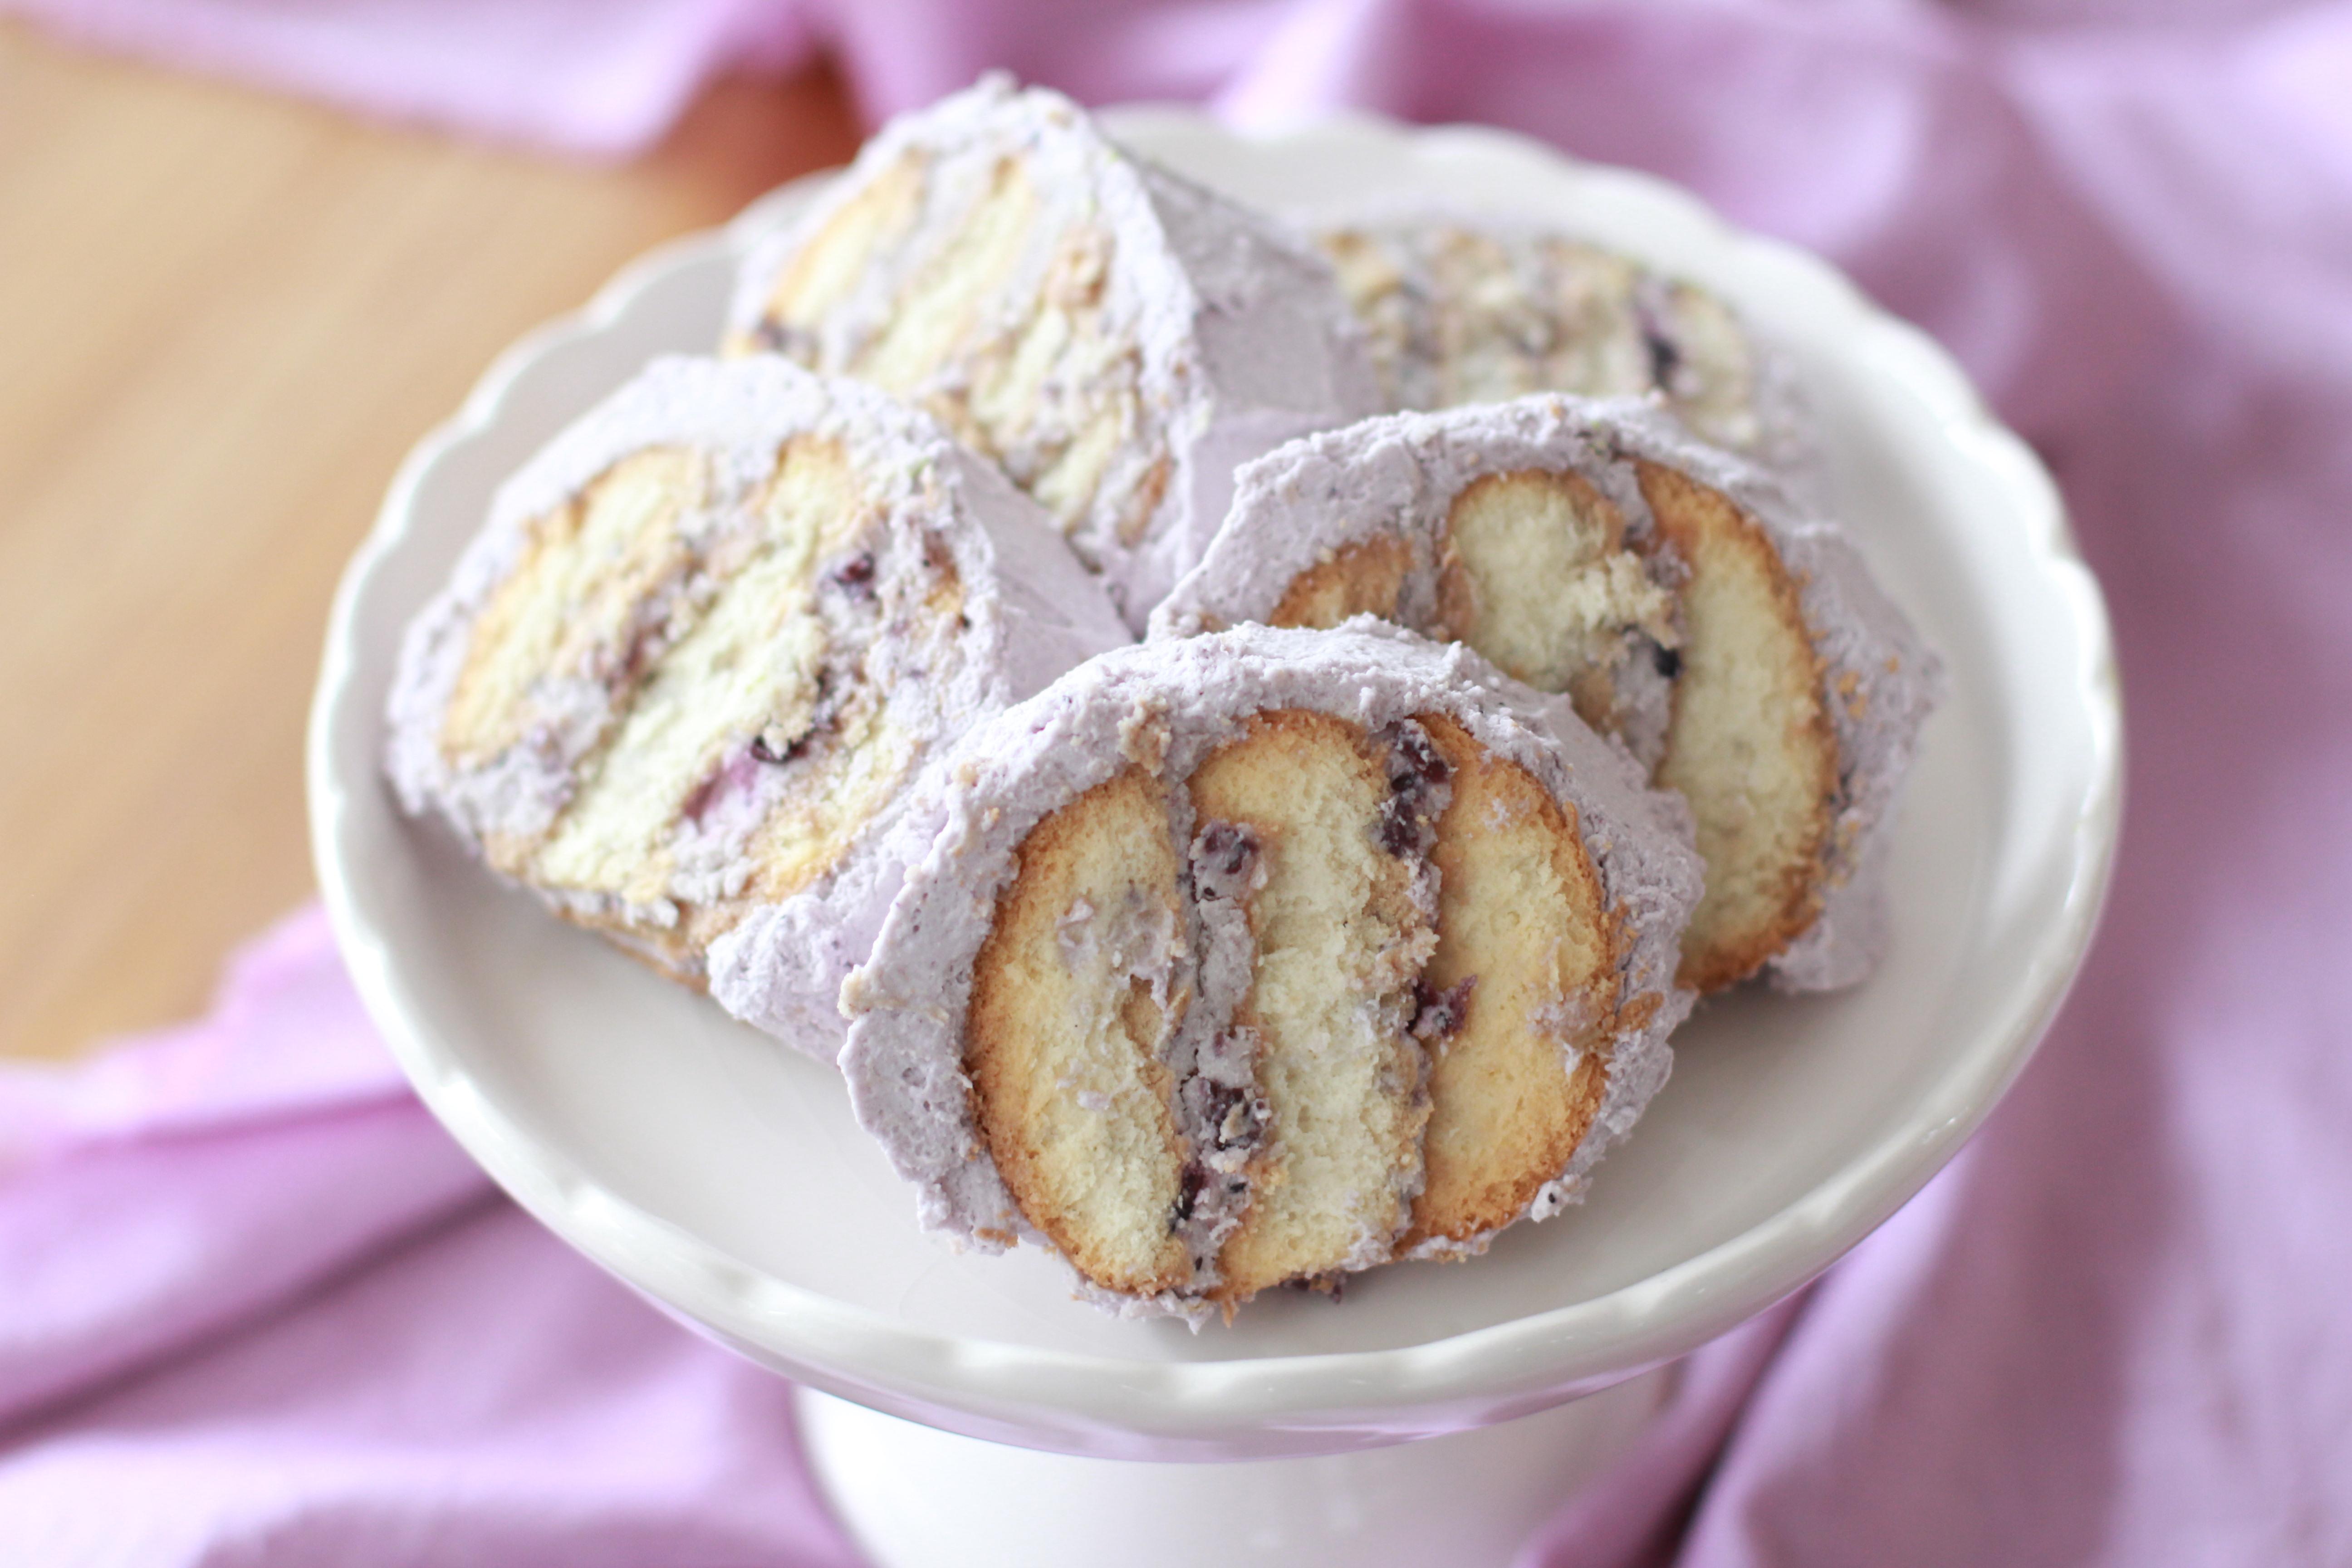 重ねて塗るだけ! 大人気の「ビスケットケーキ」3選